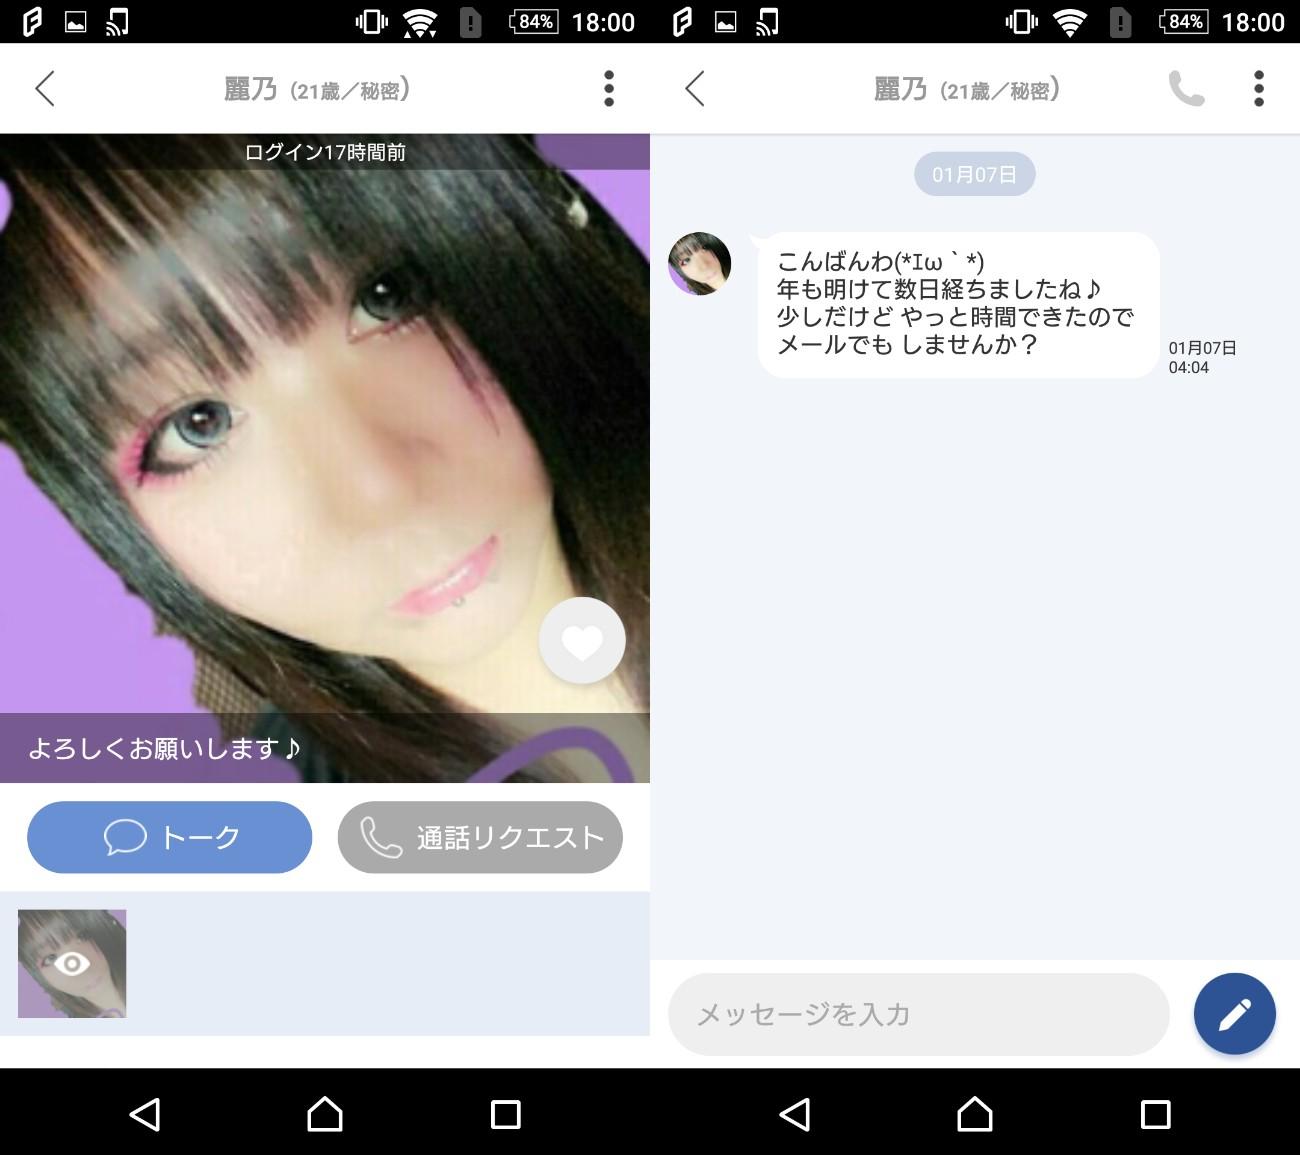 FATEY(フェイティ) - 通話やトークができるLIVEトークアプリ!サクラの麗乃